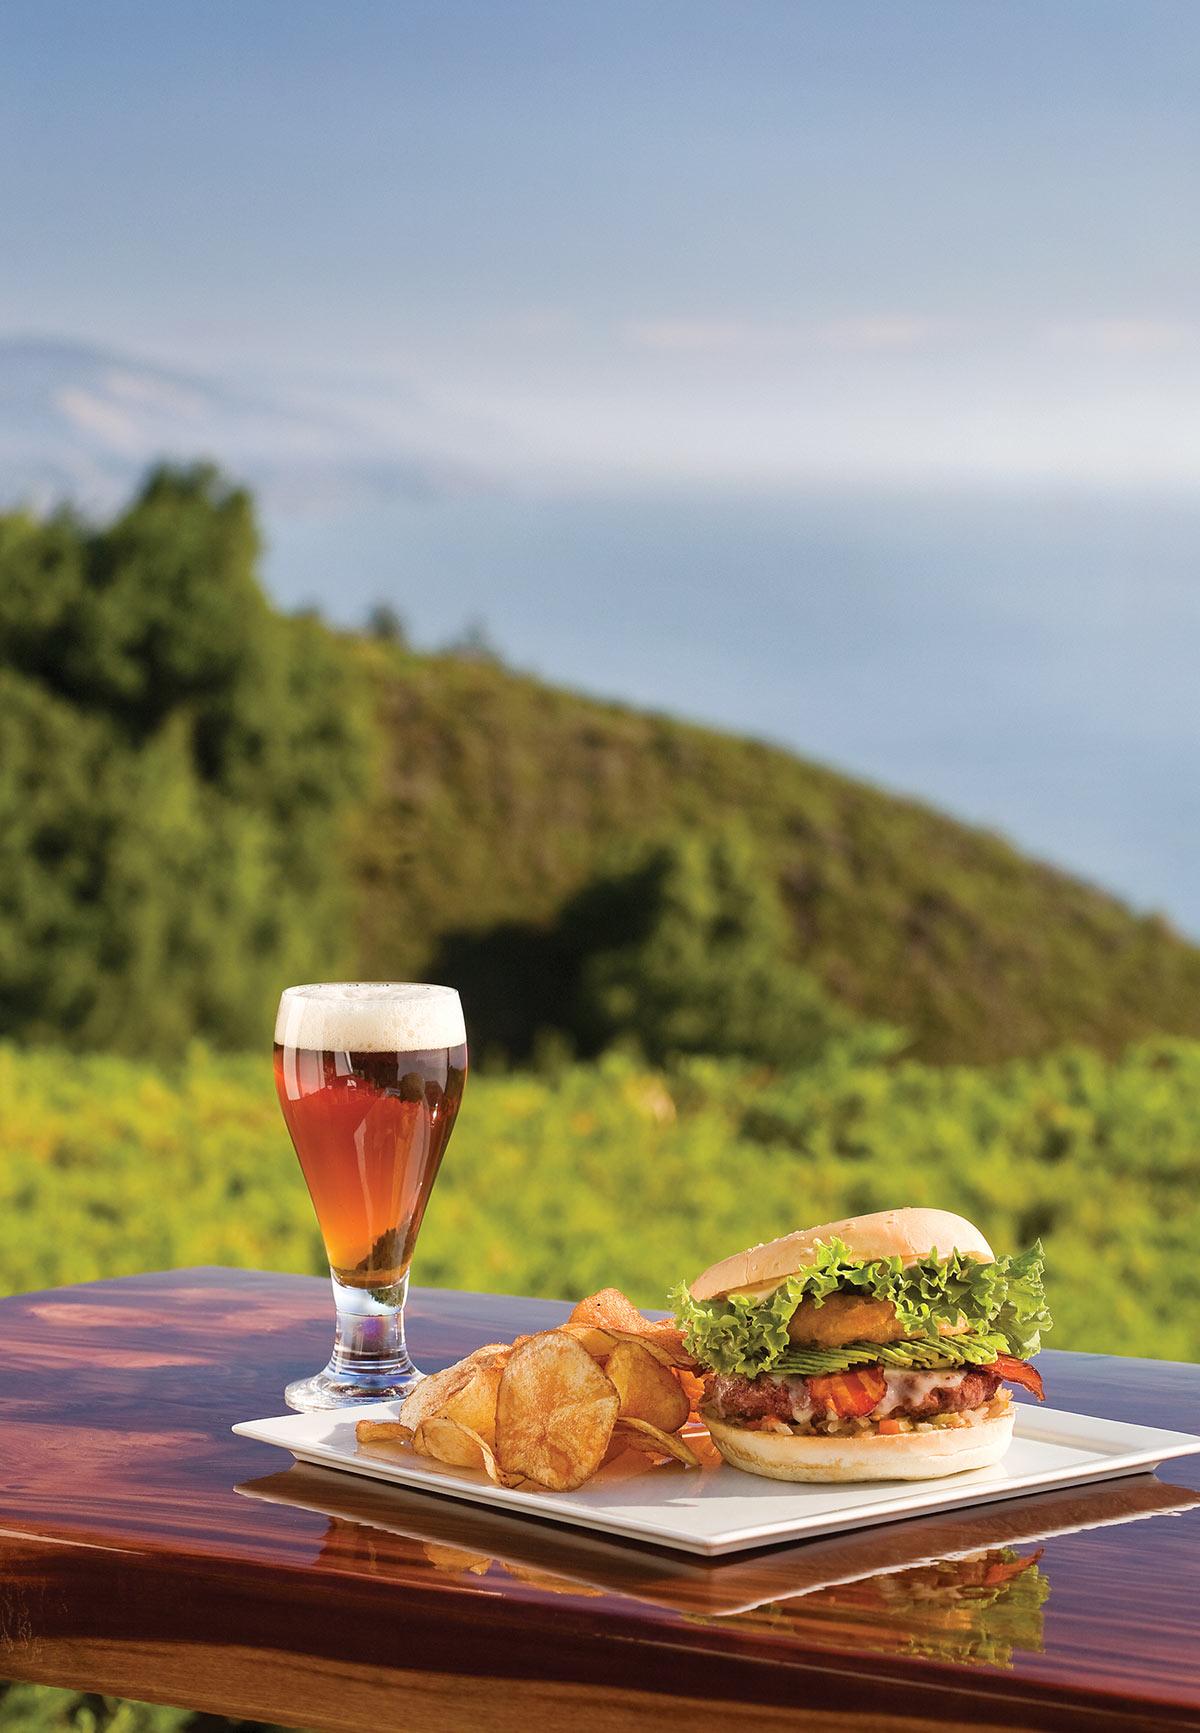 RestaurantVentana_Food_BurgerBeer_PR_KG.jpg